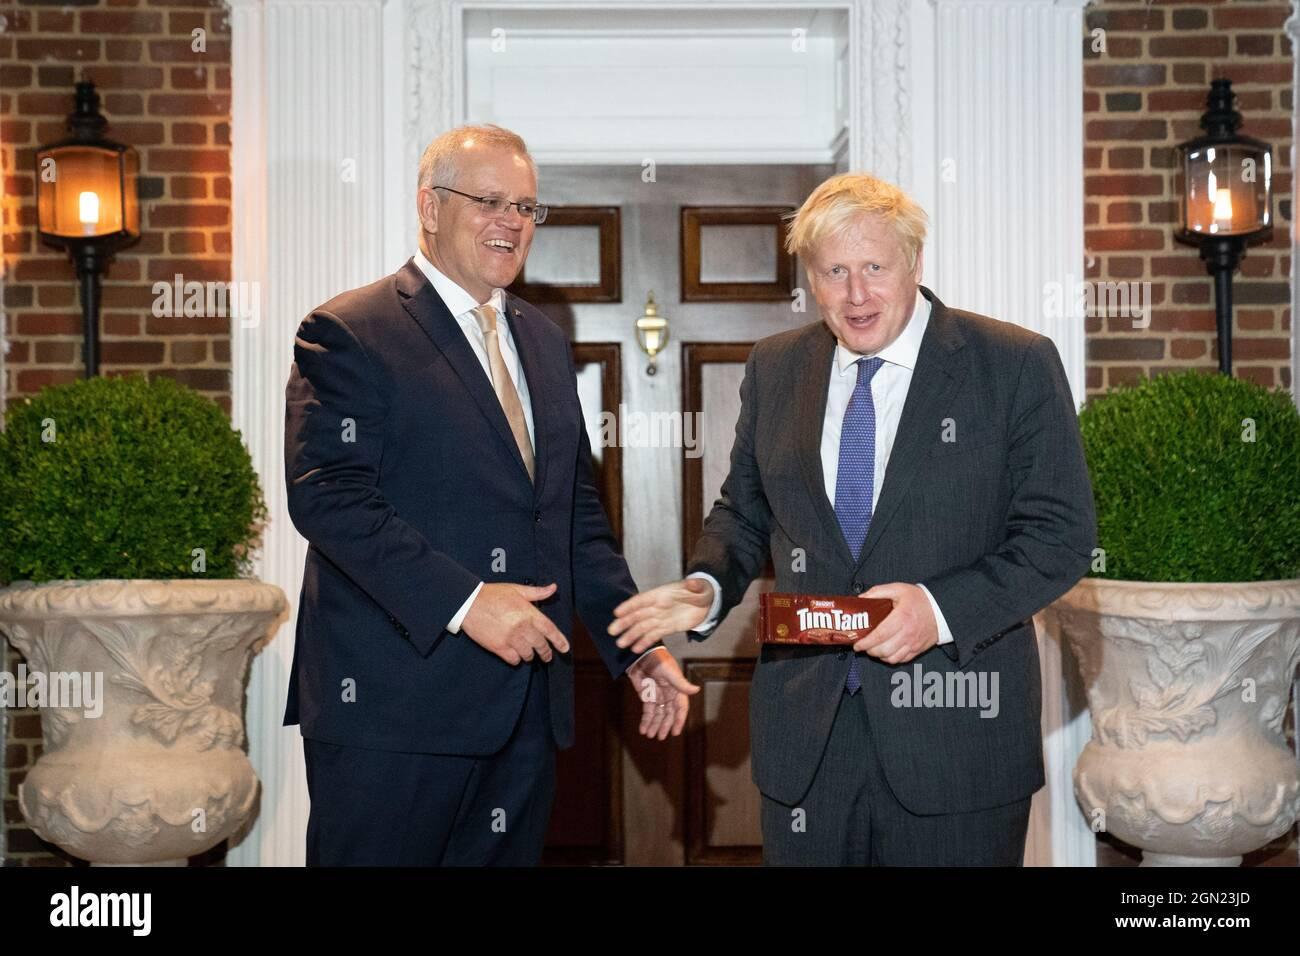 Le Premier ministre Boris Johnson reçoit un paquet de collations australiennes, Tim Tams, alors qu'il est accueilli par son homologue australien, Scott Morrison, à Washington DC, lors de sa visite aux États-Unis pour l'Assemblée générale des Nations Unies. Date de la photo: Mardi 21 septembre 2021. Banque D'Images